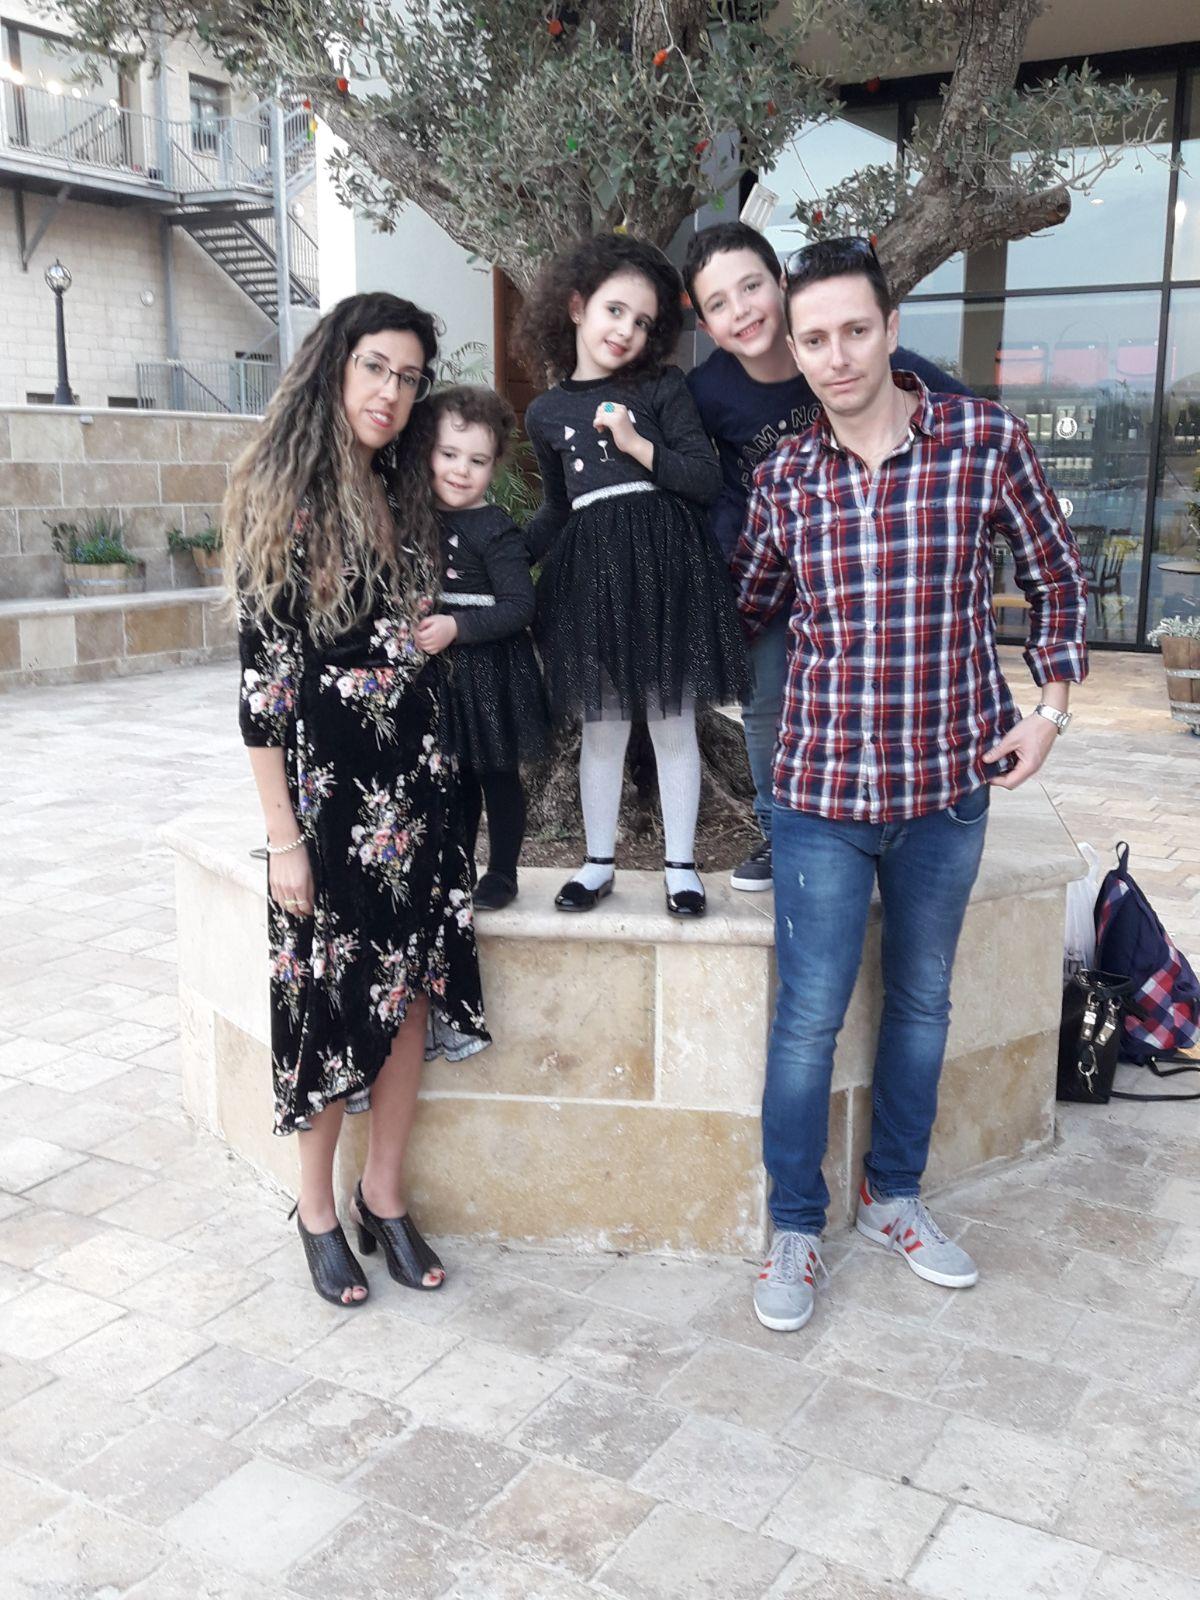 משפחת פוטישמן (צילום ארטור פוטישמן)